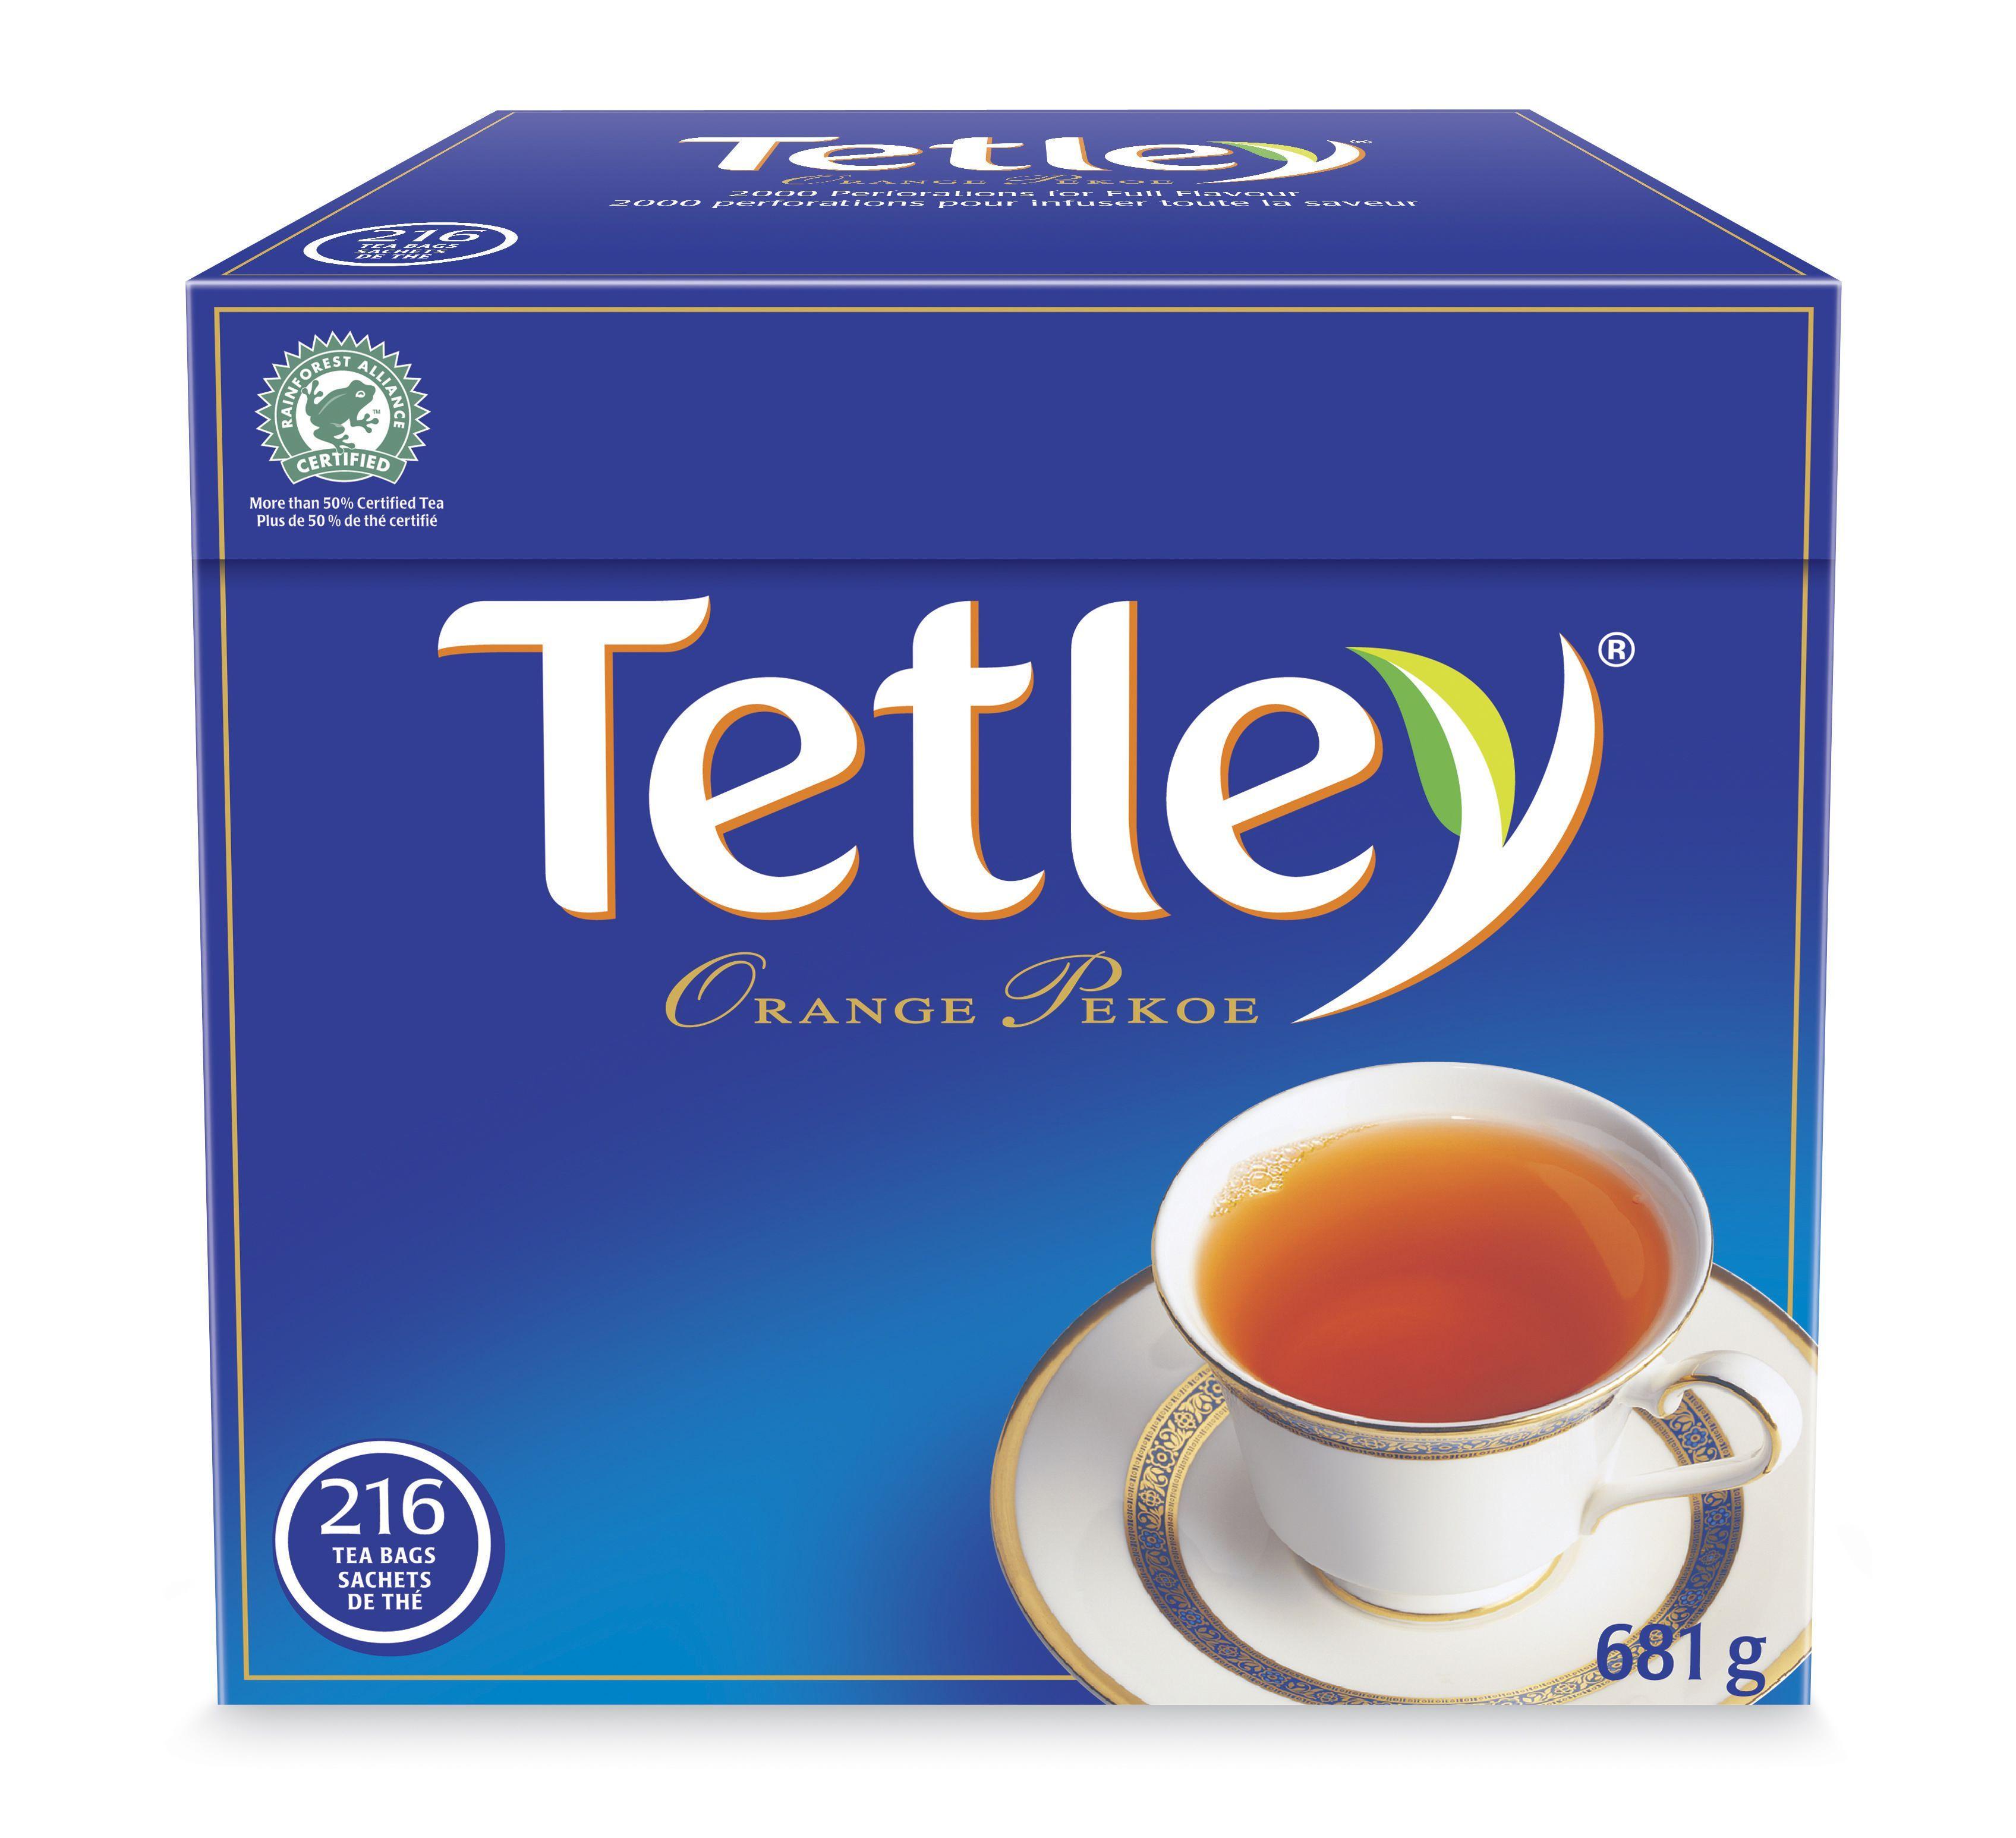 Tetley Tea Tetley Tea Orange Pekoe Tea Tea Box